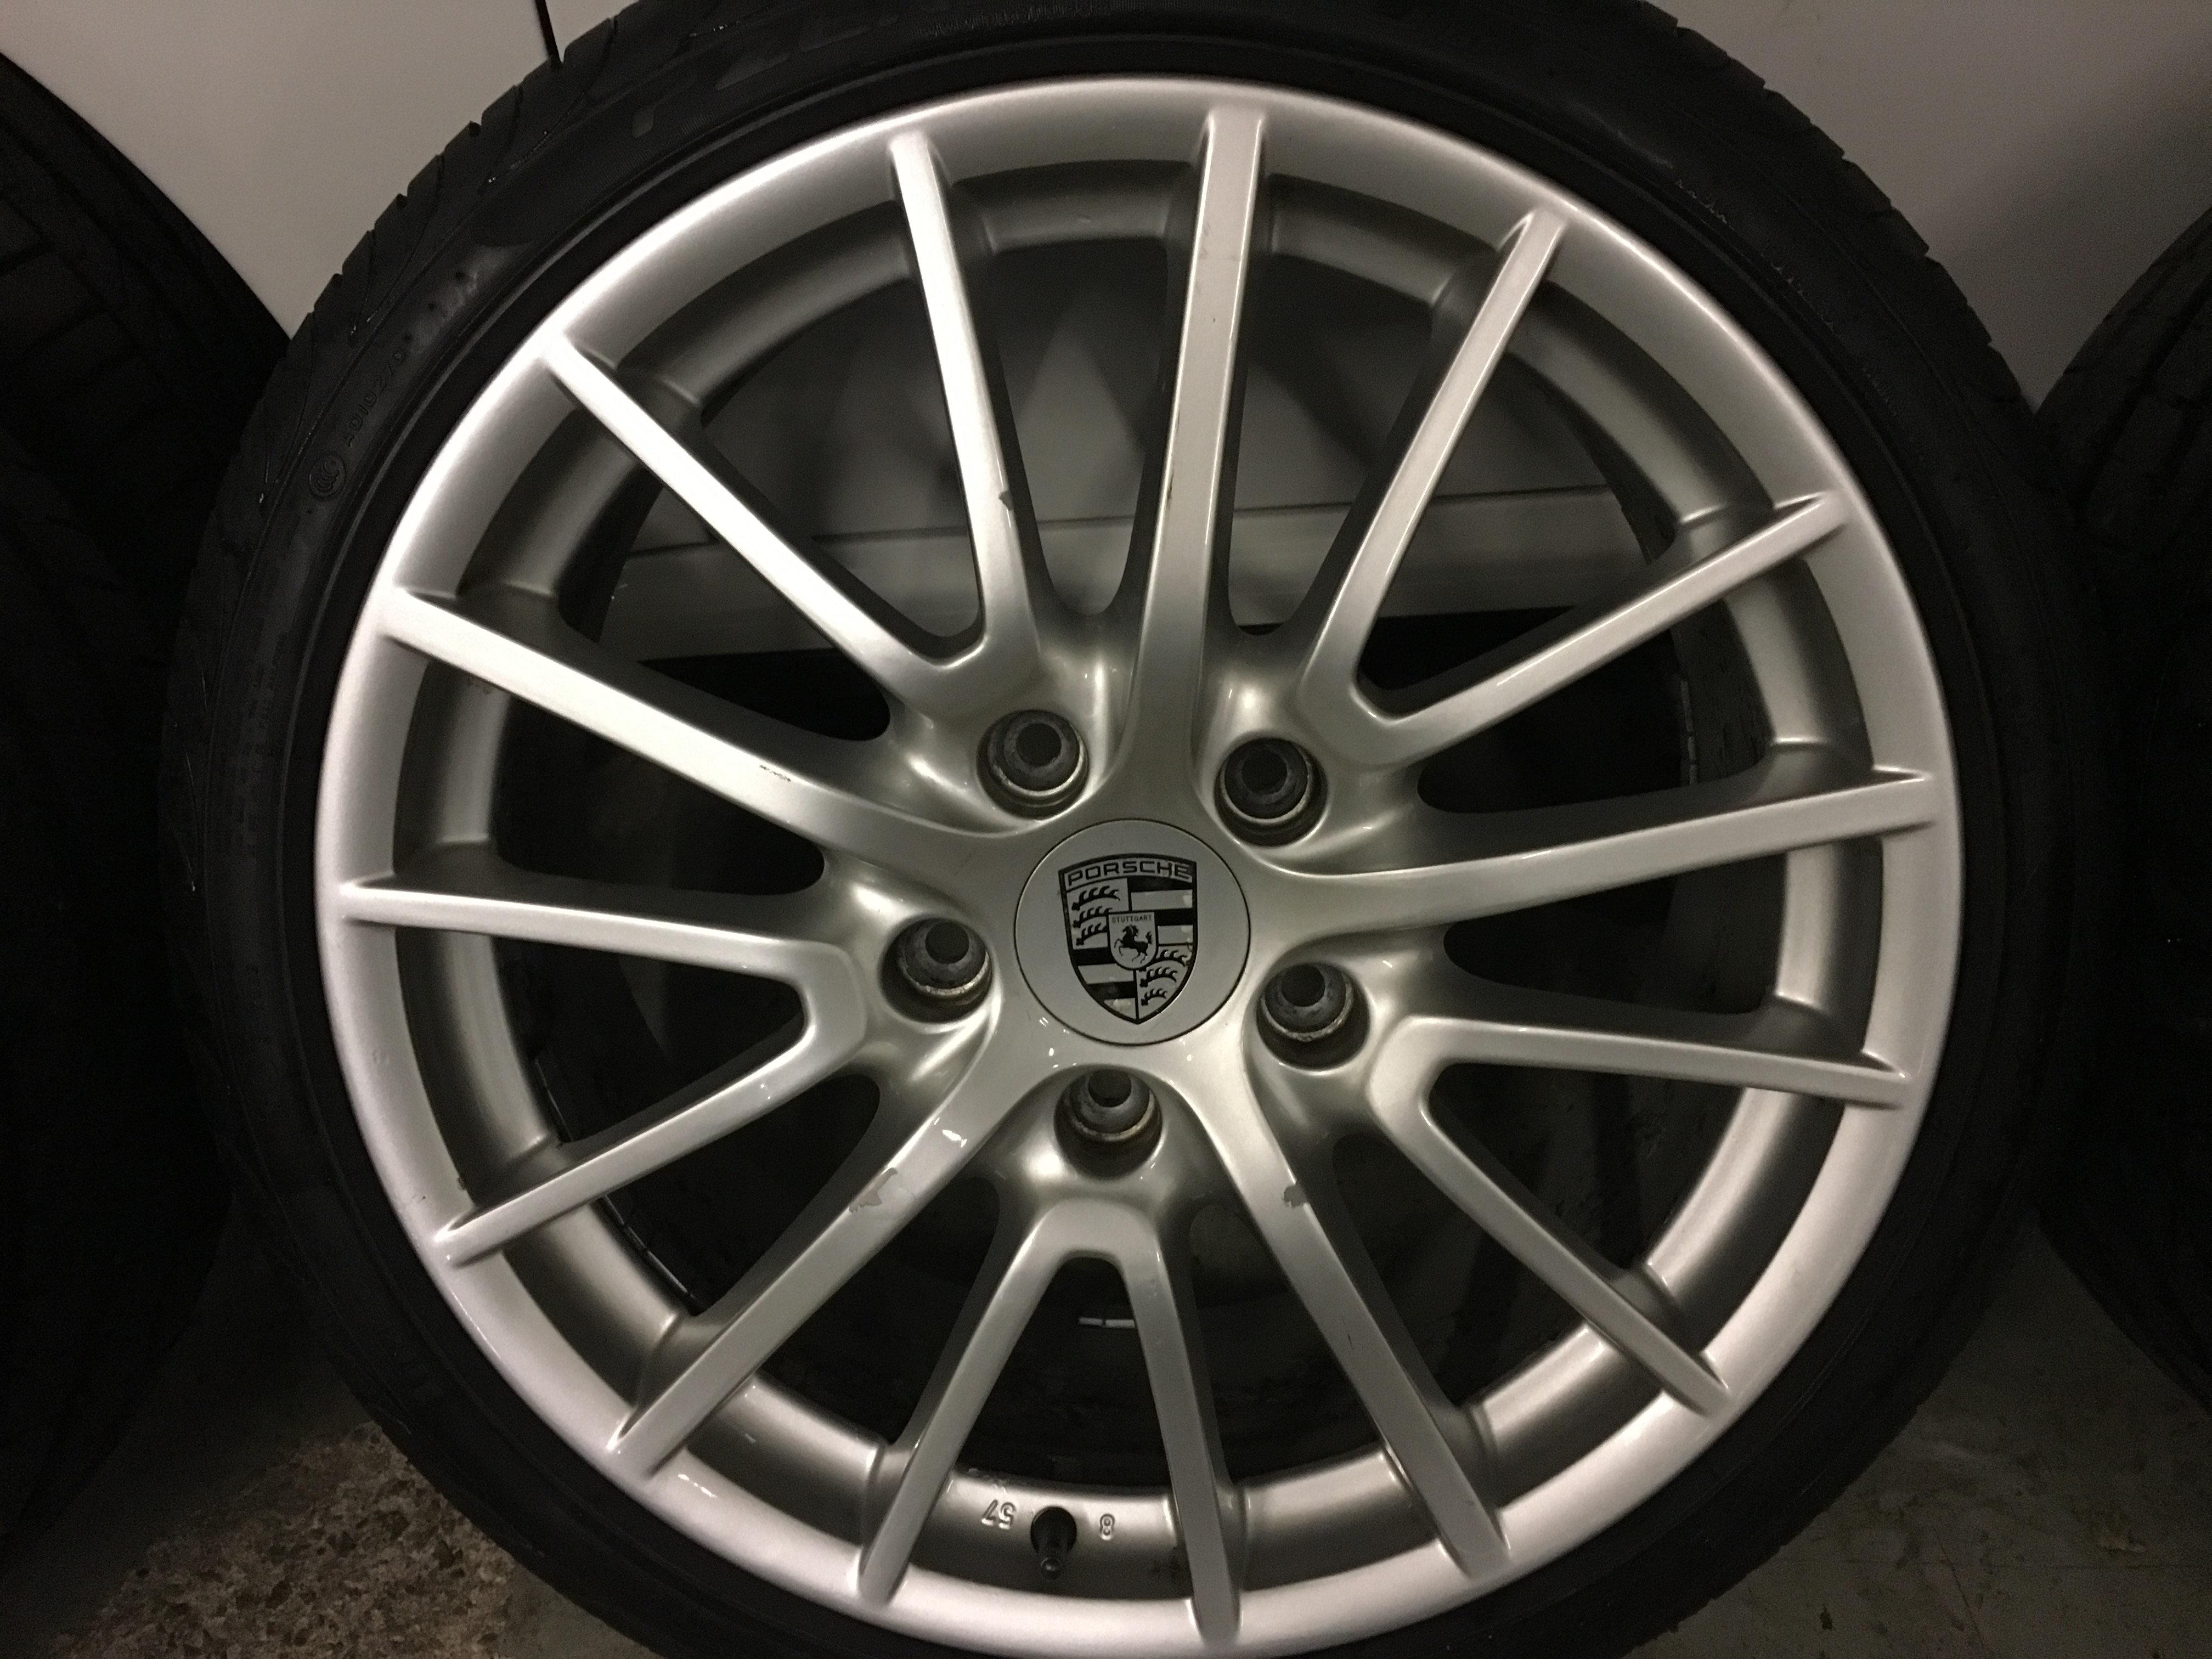 Porsche 911 Rims >> Genuine Porsche 911 997 C4s Targa Sport Design 19 Wheels Tyres Turbo Pirelli Gt